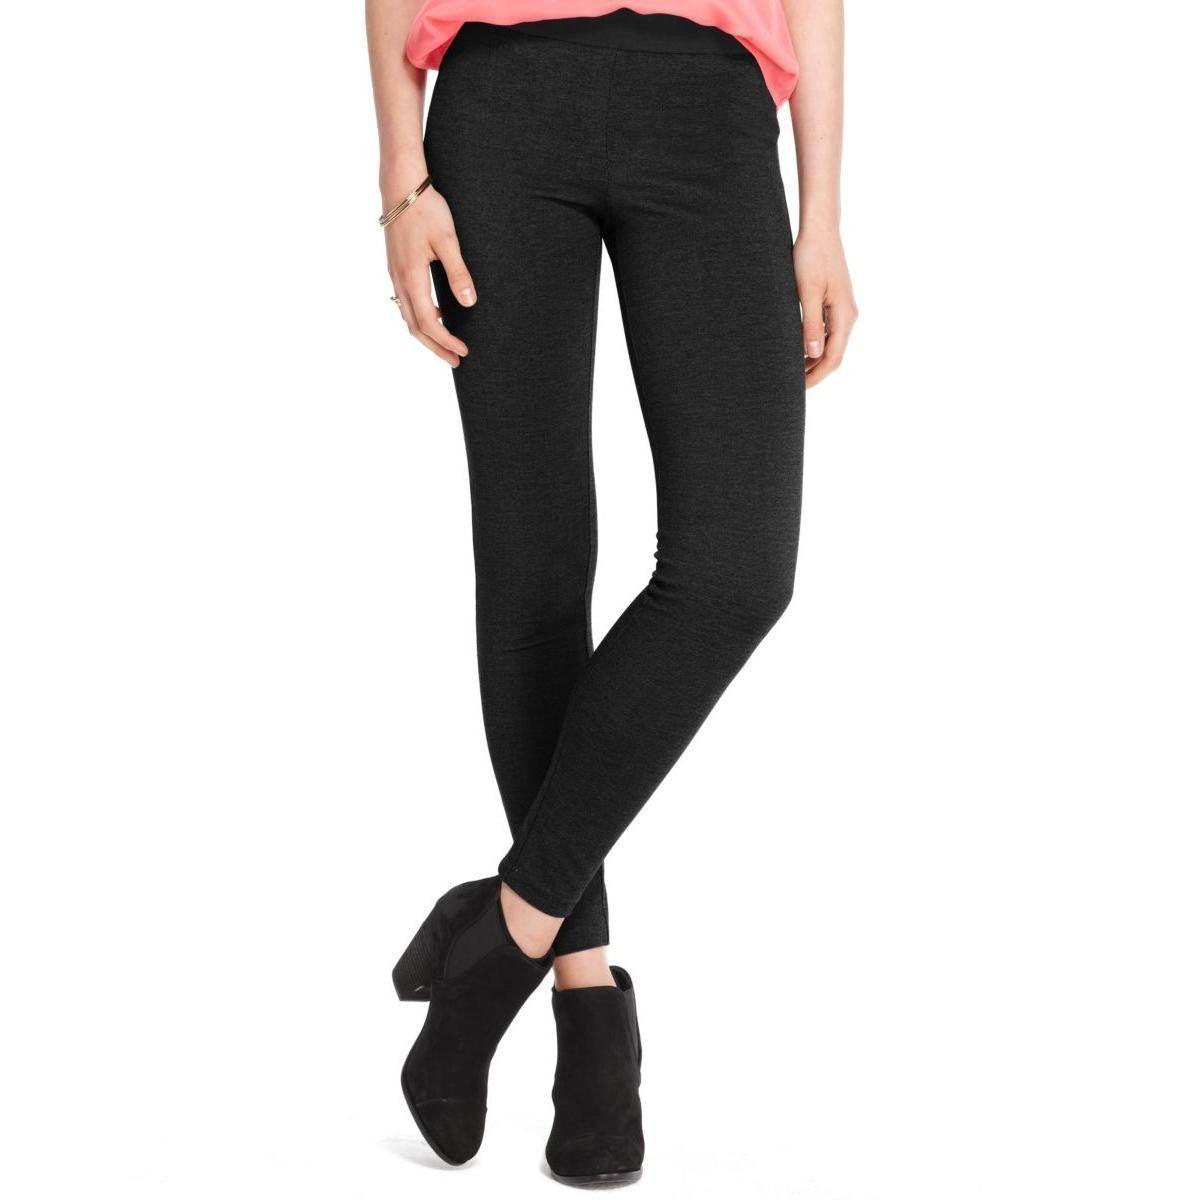 a3c7a54235d04c Maison Jules Womens Frankie Super Slim Leggings   Products   Knit ...